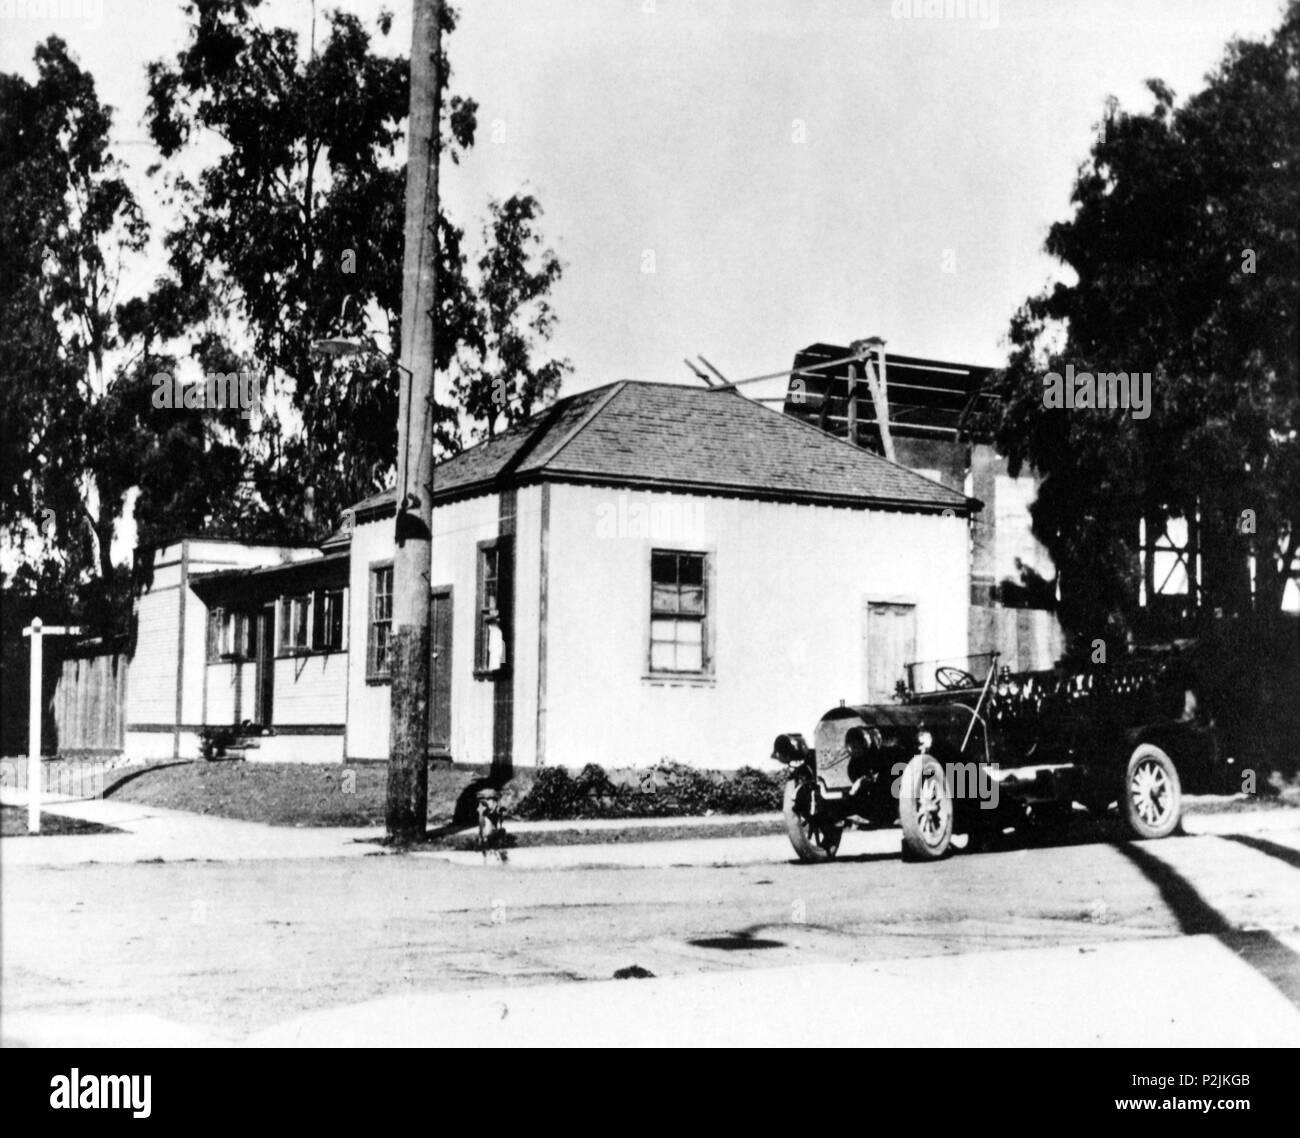 Description: HISTORIA DEL CINE. PRIMEROS ESTUDIOS. La original Blondeau Road House, entre las calles Sunset y Gower, se convirtió en el primer estudio cinematográfico de Hollywood, al pasar a manos de los estudios Universal. 27 de octubre de 1911.  Original Film Title: FILM HISTORY: EARLY STUDIOS.  English Title: FILM HISTORY: EARLY STUDIOS. - Stock Image